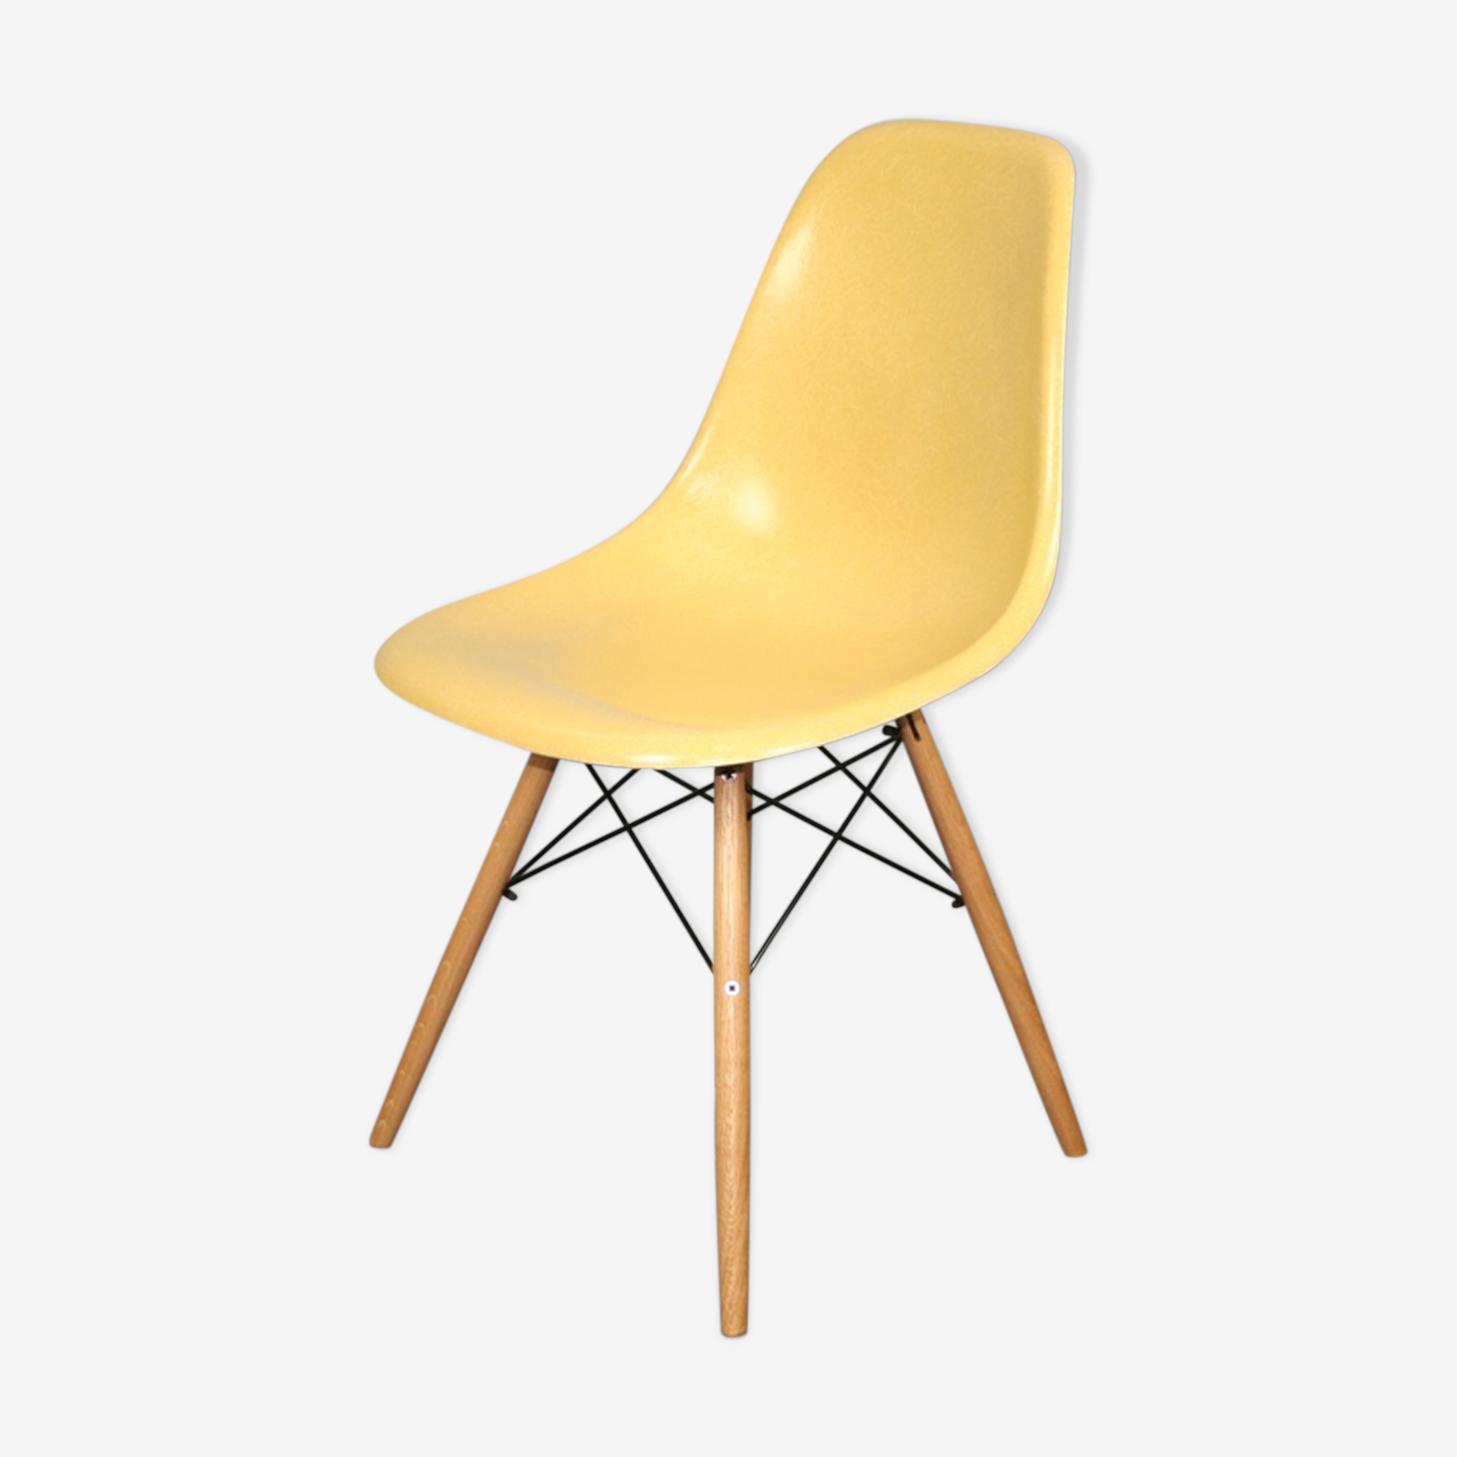 Chair dsw ochre Eames Herman Miller vintage oak